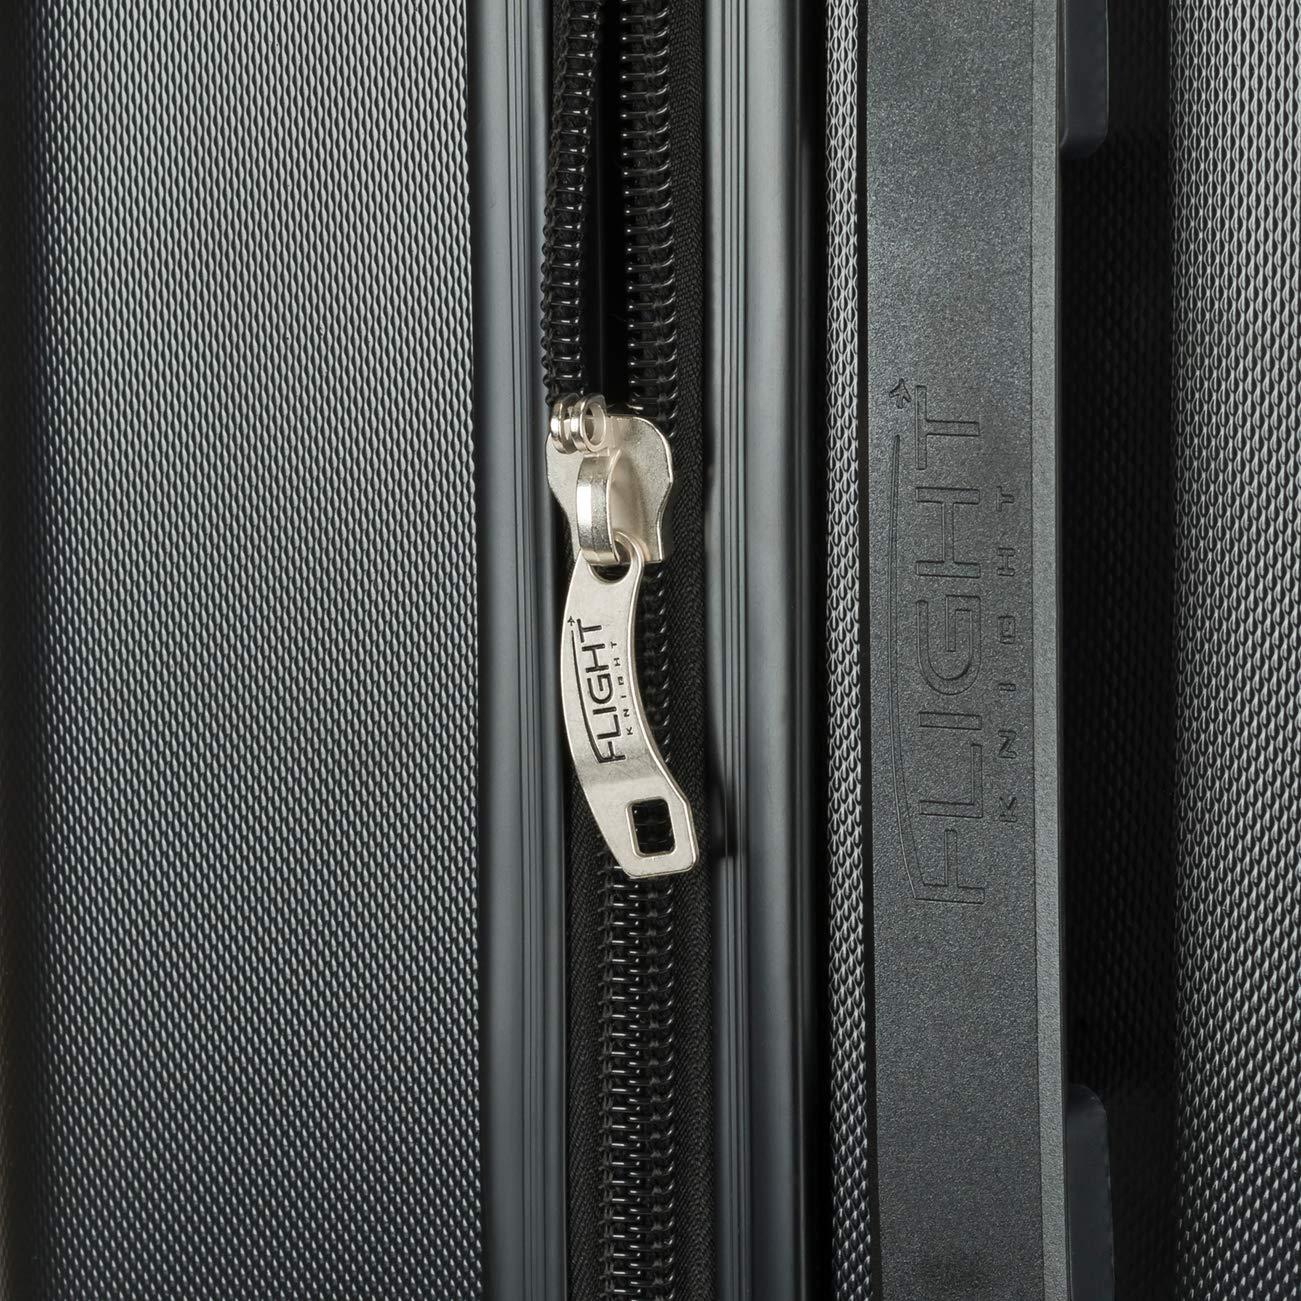 Bagage /à Main L/ég/ère Sac Cabine avec 4 Roues. Air Canada Flight Knight ABS Valise Cabine 55x40x23 cm L/ég/ère Taille Maximum Permise avec Lufthansa Swiss International Et Bien dautres